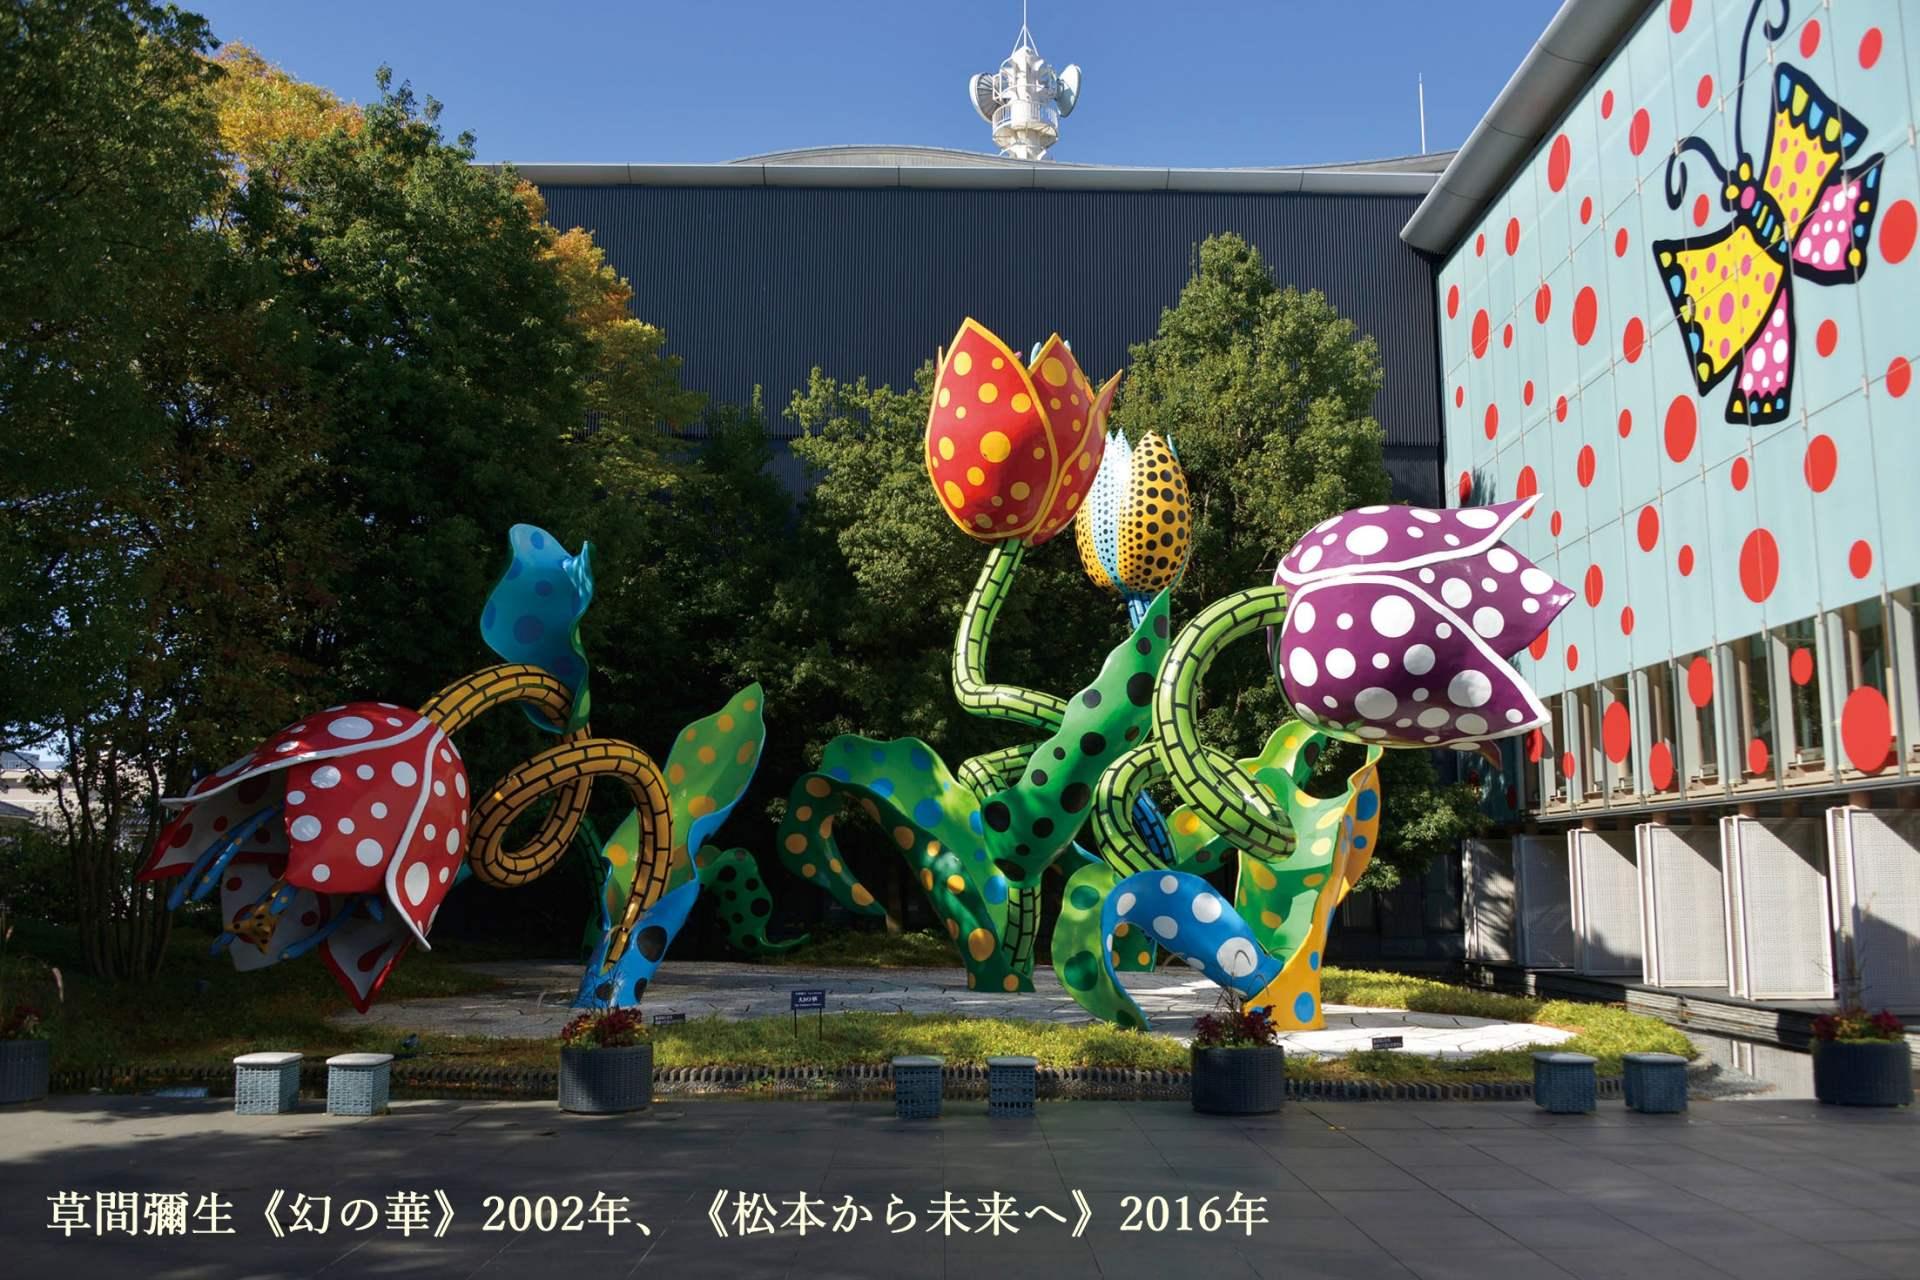 來自松本的前衛藝術家‧草間彌生的作品「幻之華」